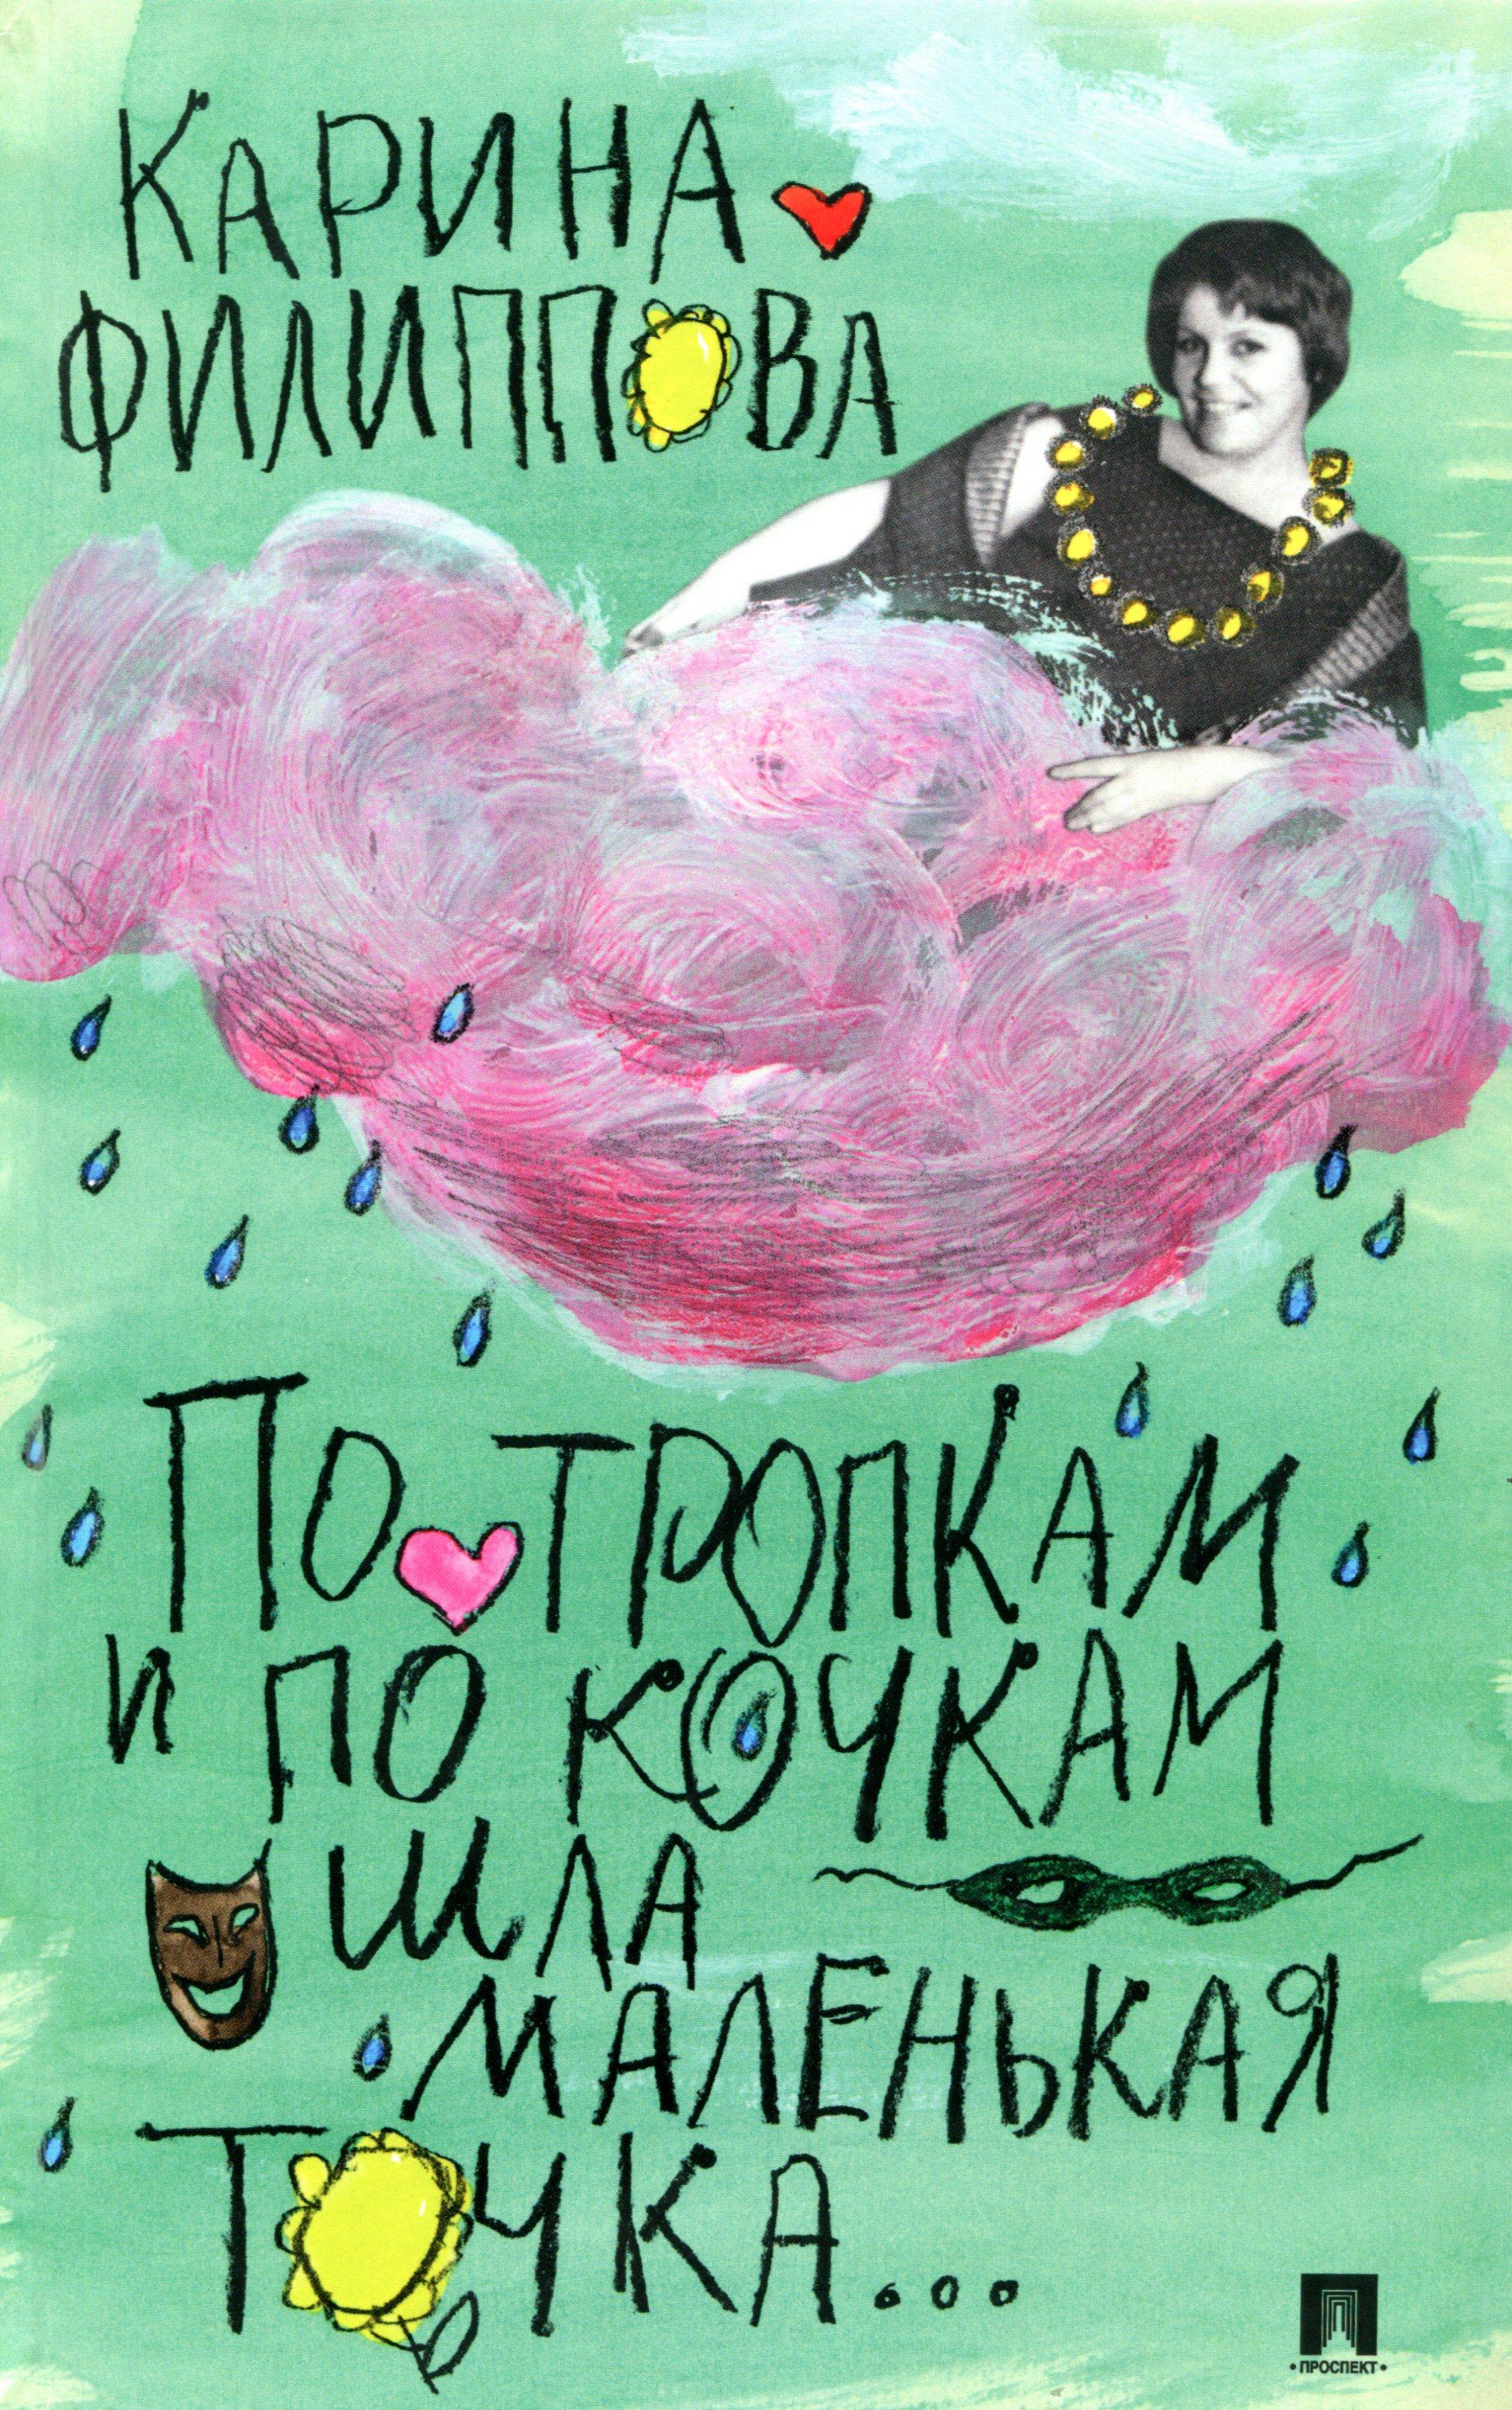 Валентина Толкунова. Из книги Карины Филипповой «По тропкам и по кочкам шла маленькая точка»